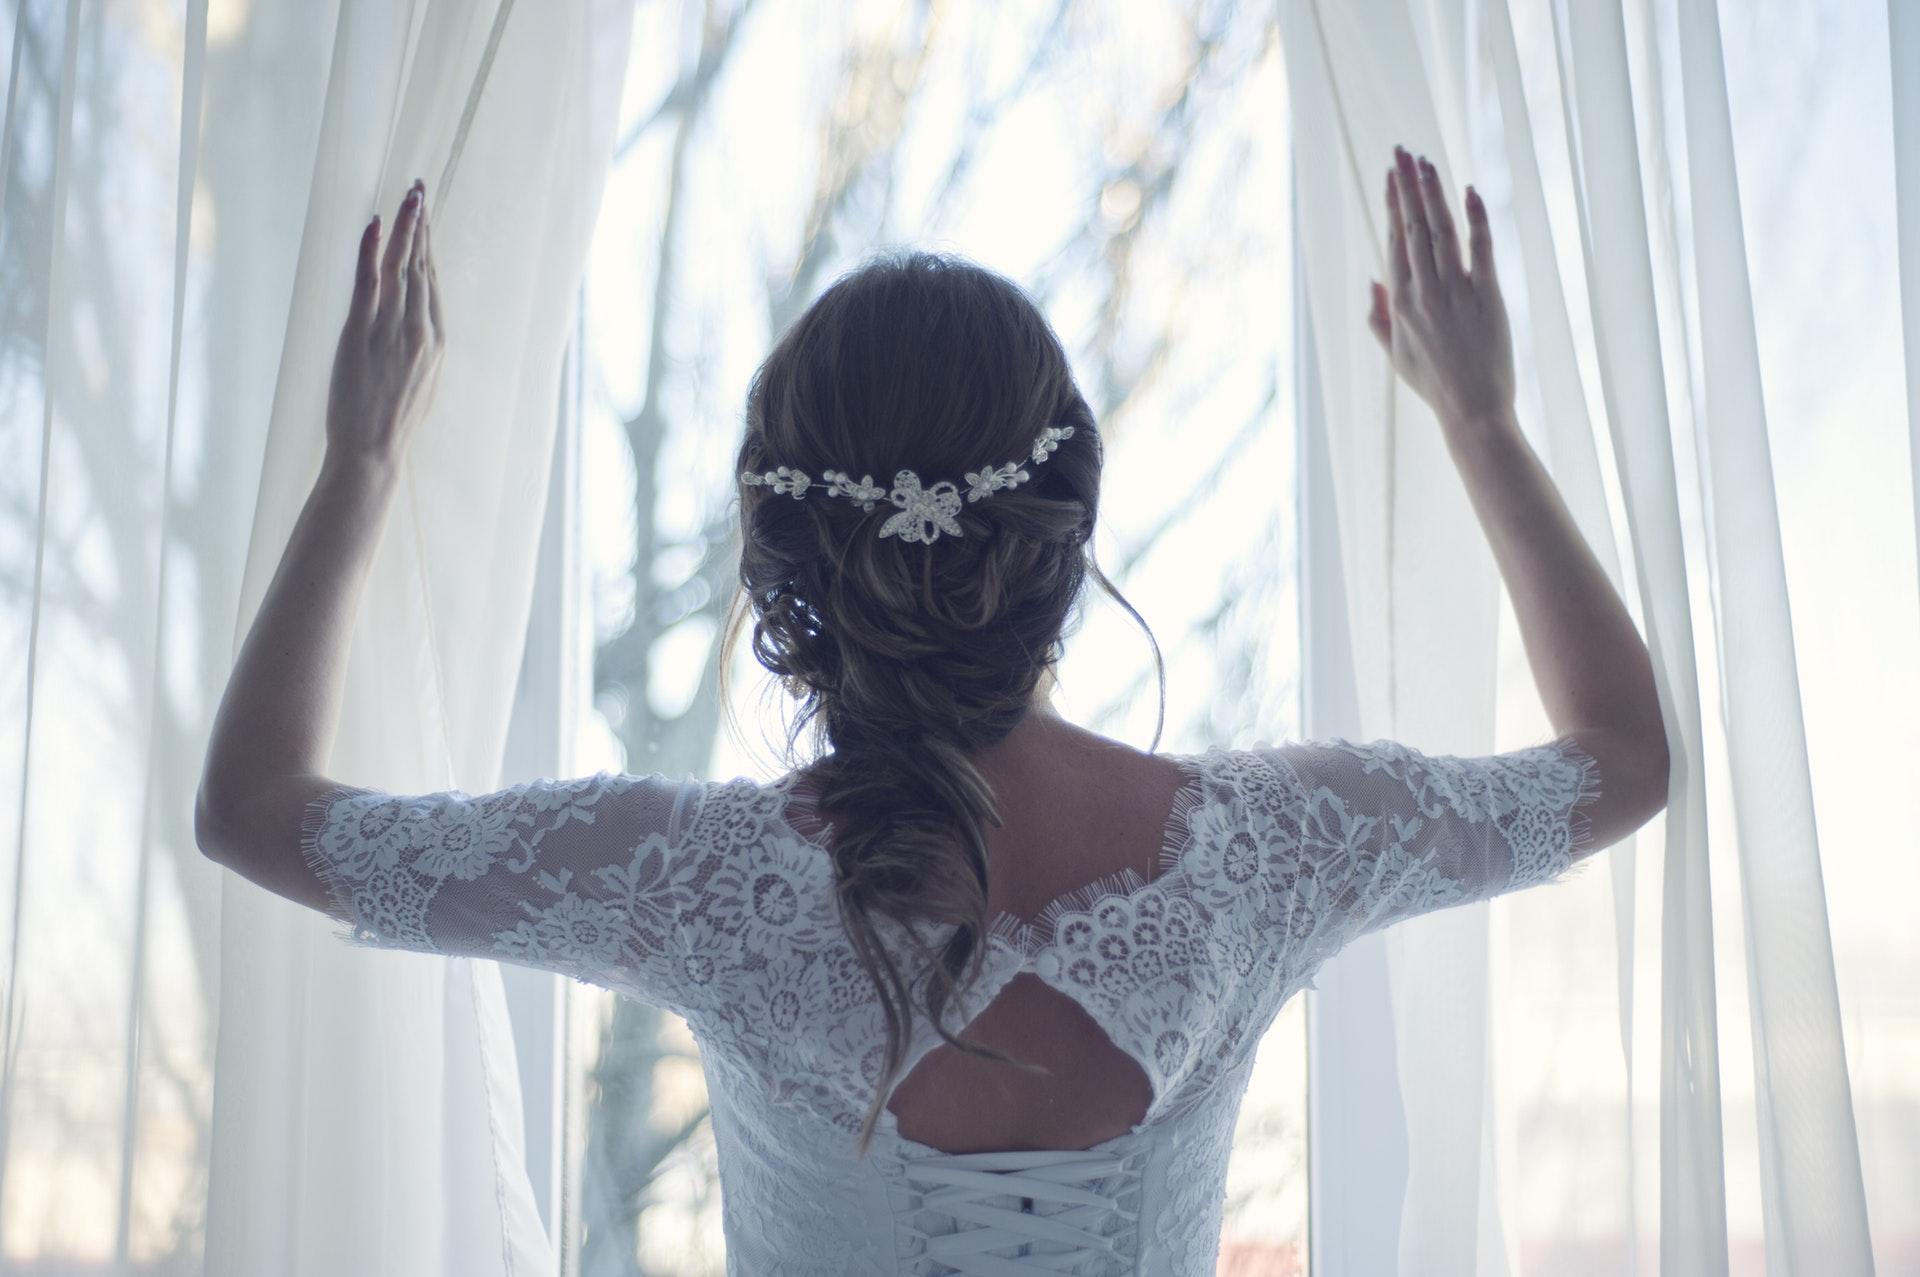 À toi, jeune fiancée qui prépare ton mariage